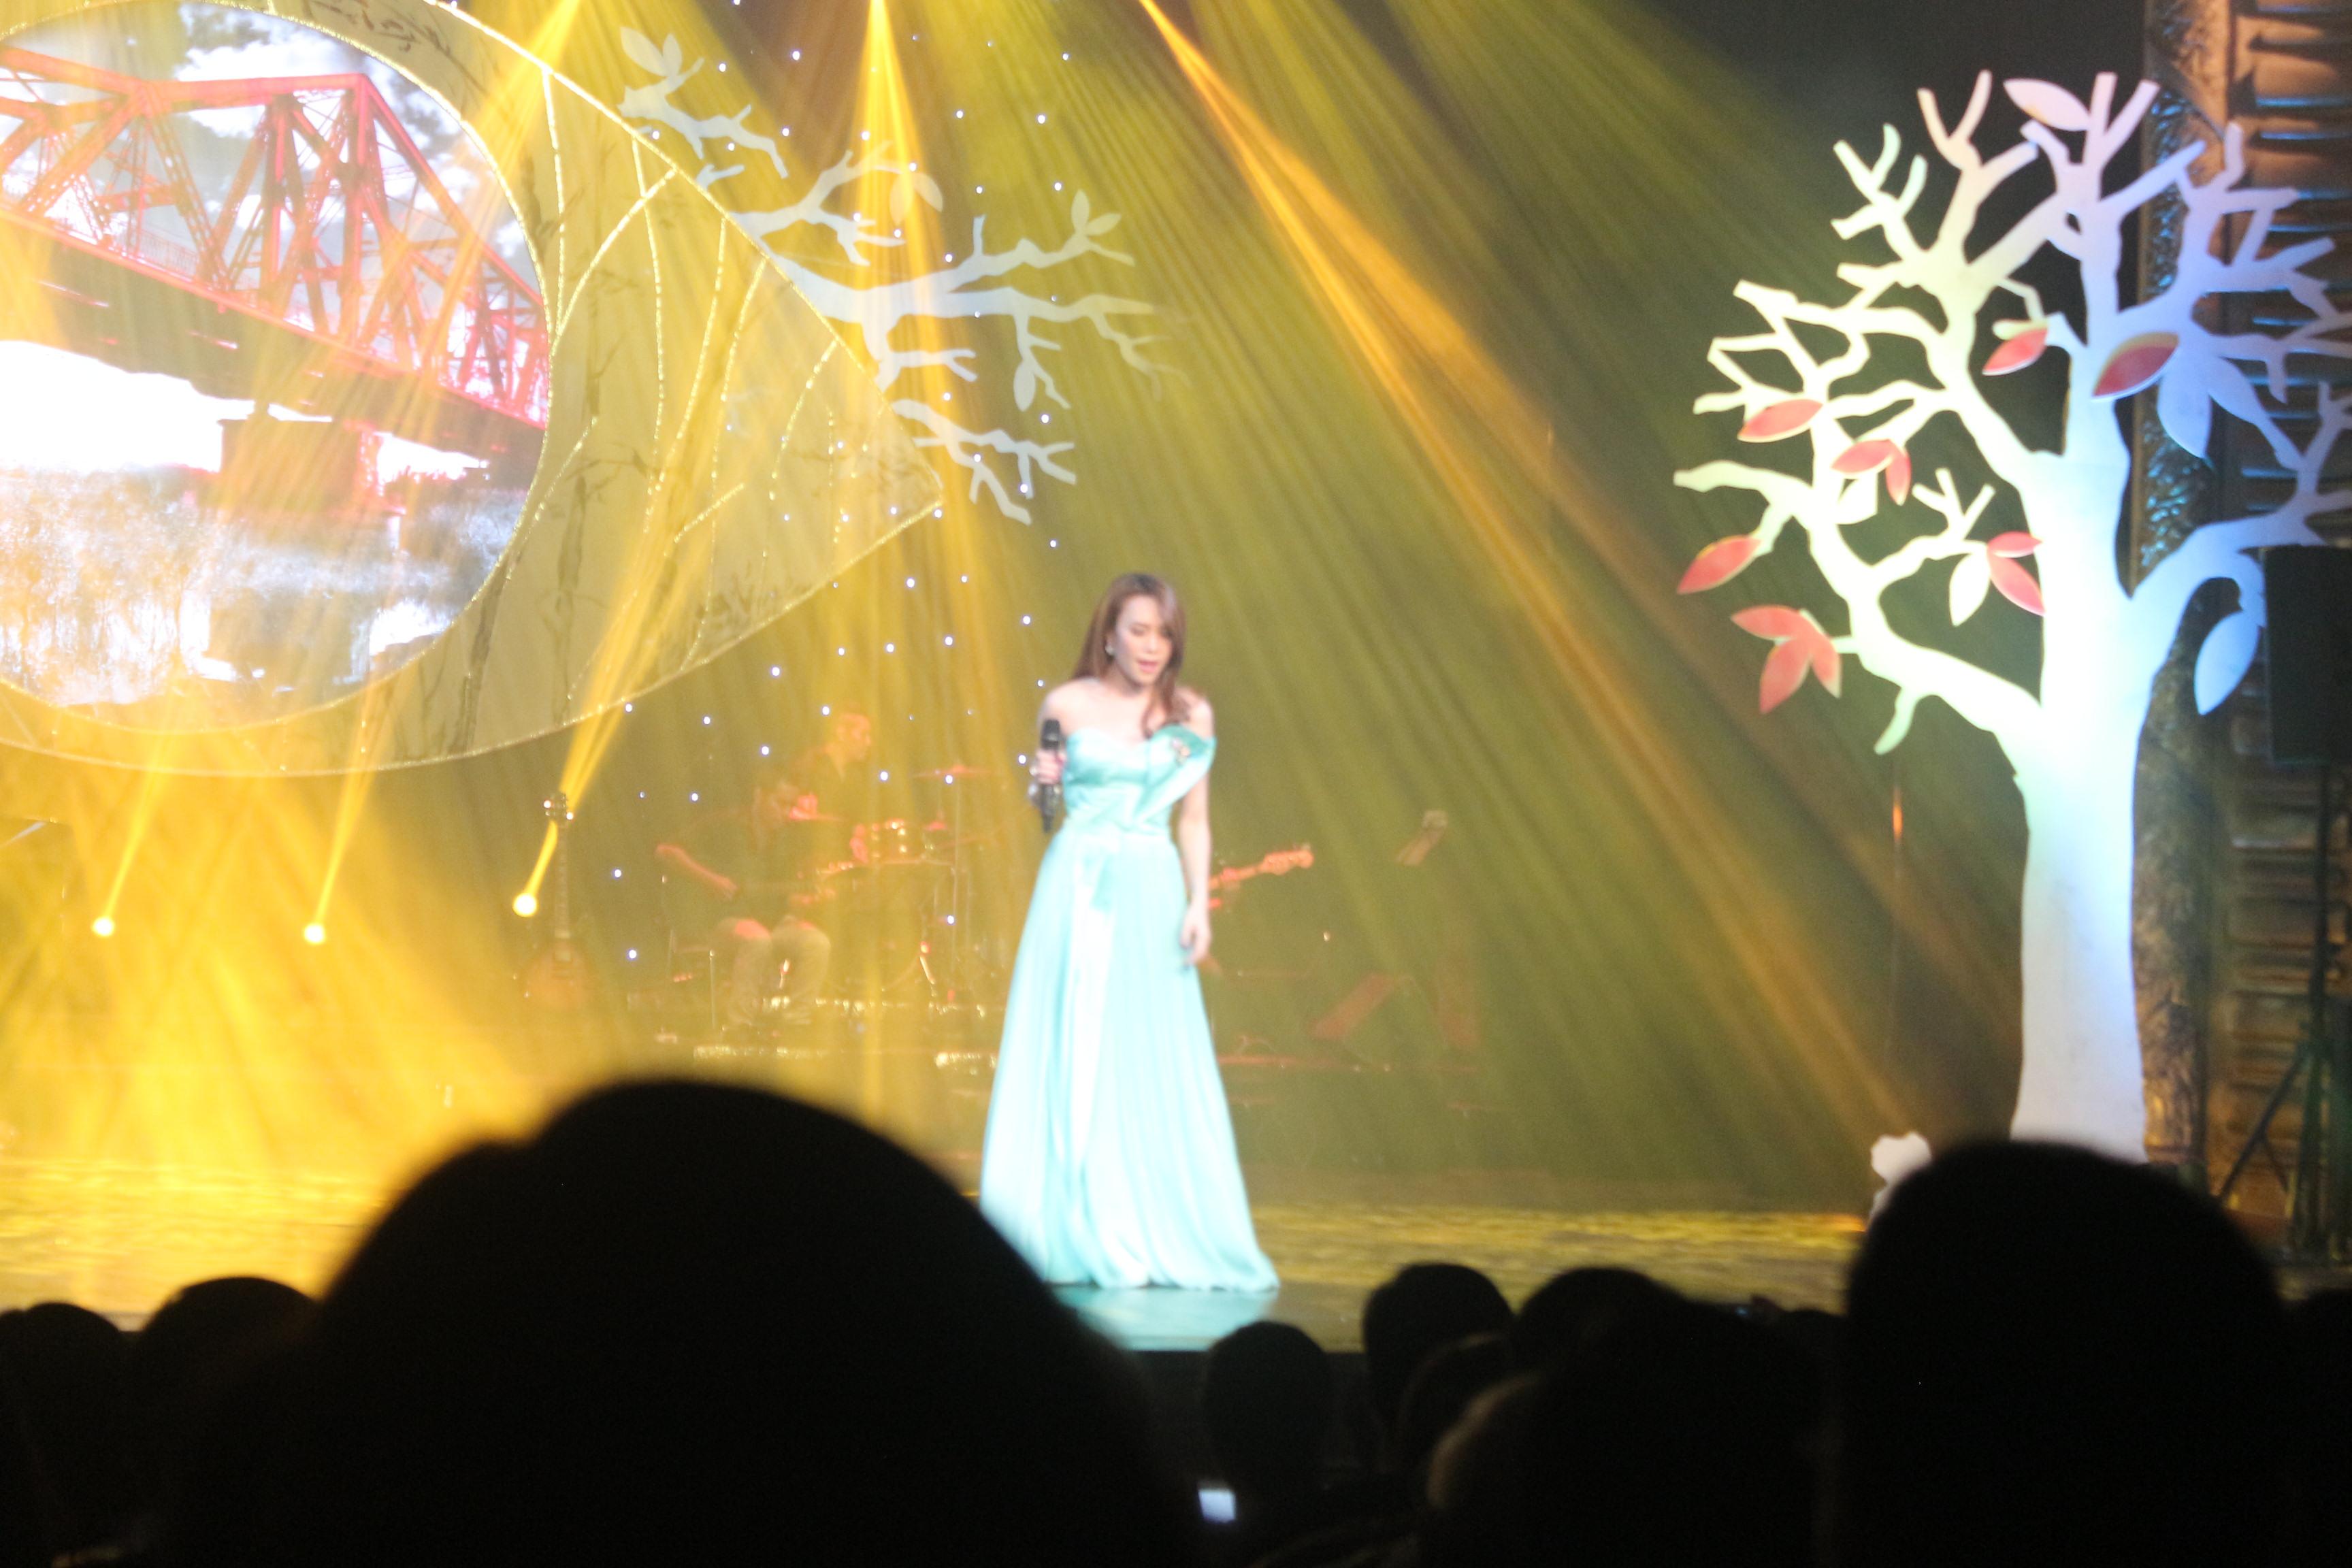 Mỹ Tâm gợi cảm với váy xẻ, Hồng Nhung trẻ như thiếu nữ trong đêm nhạc Trịnh 9